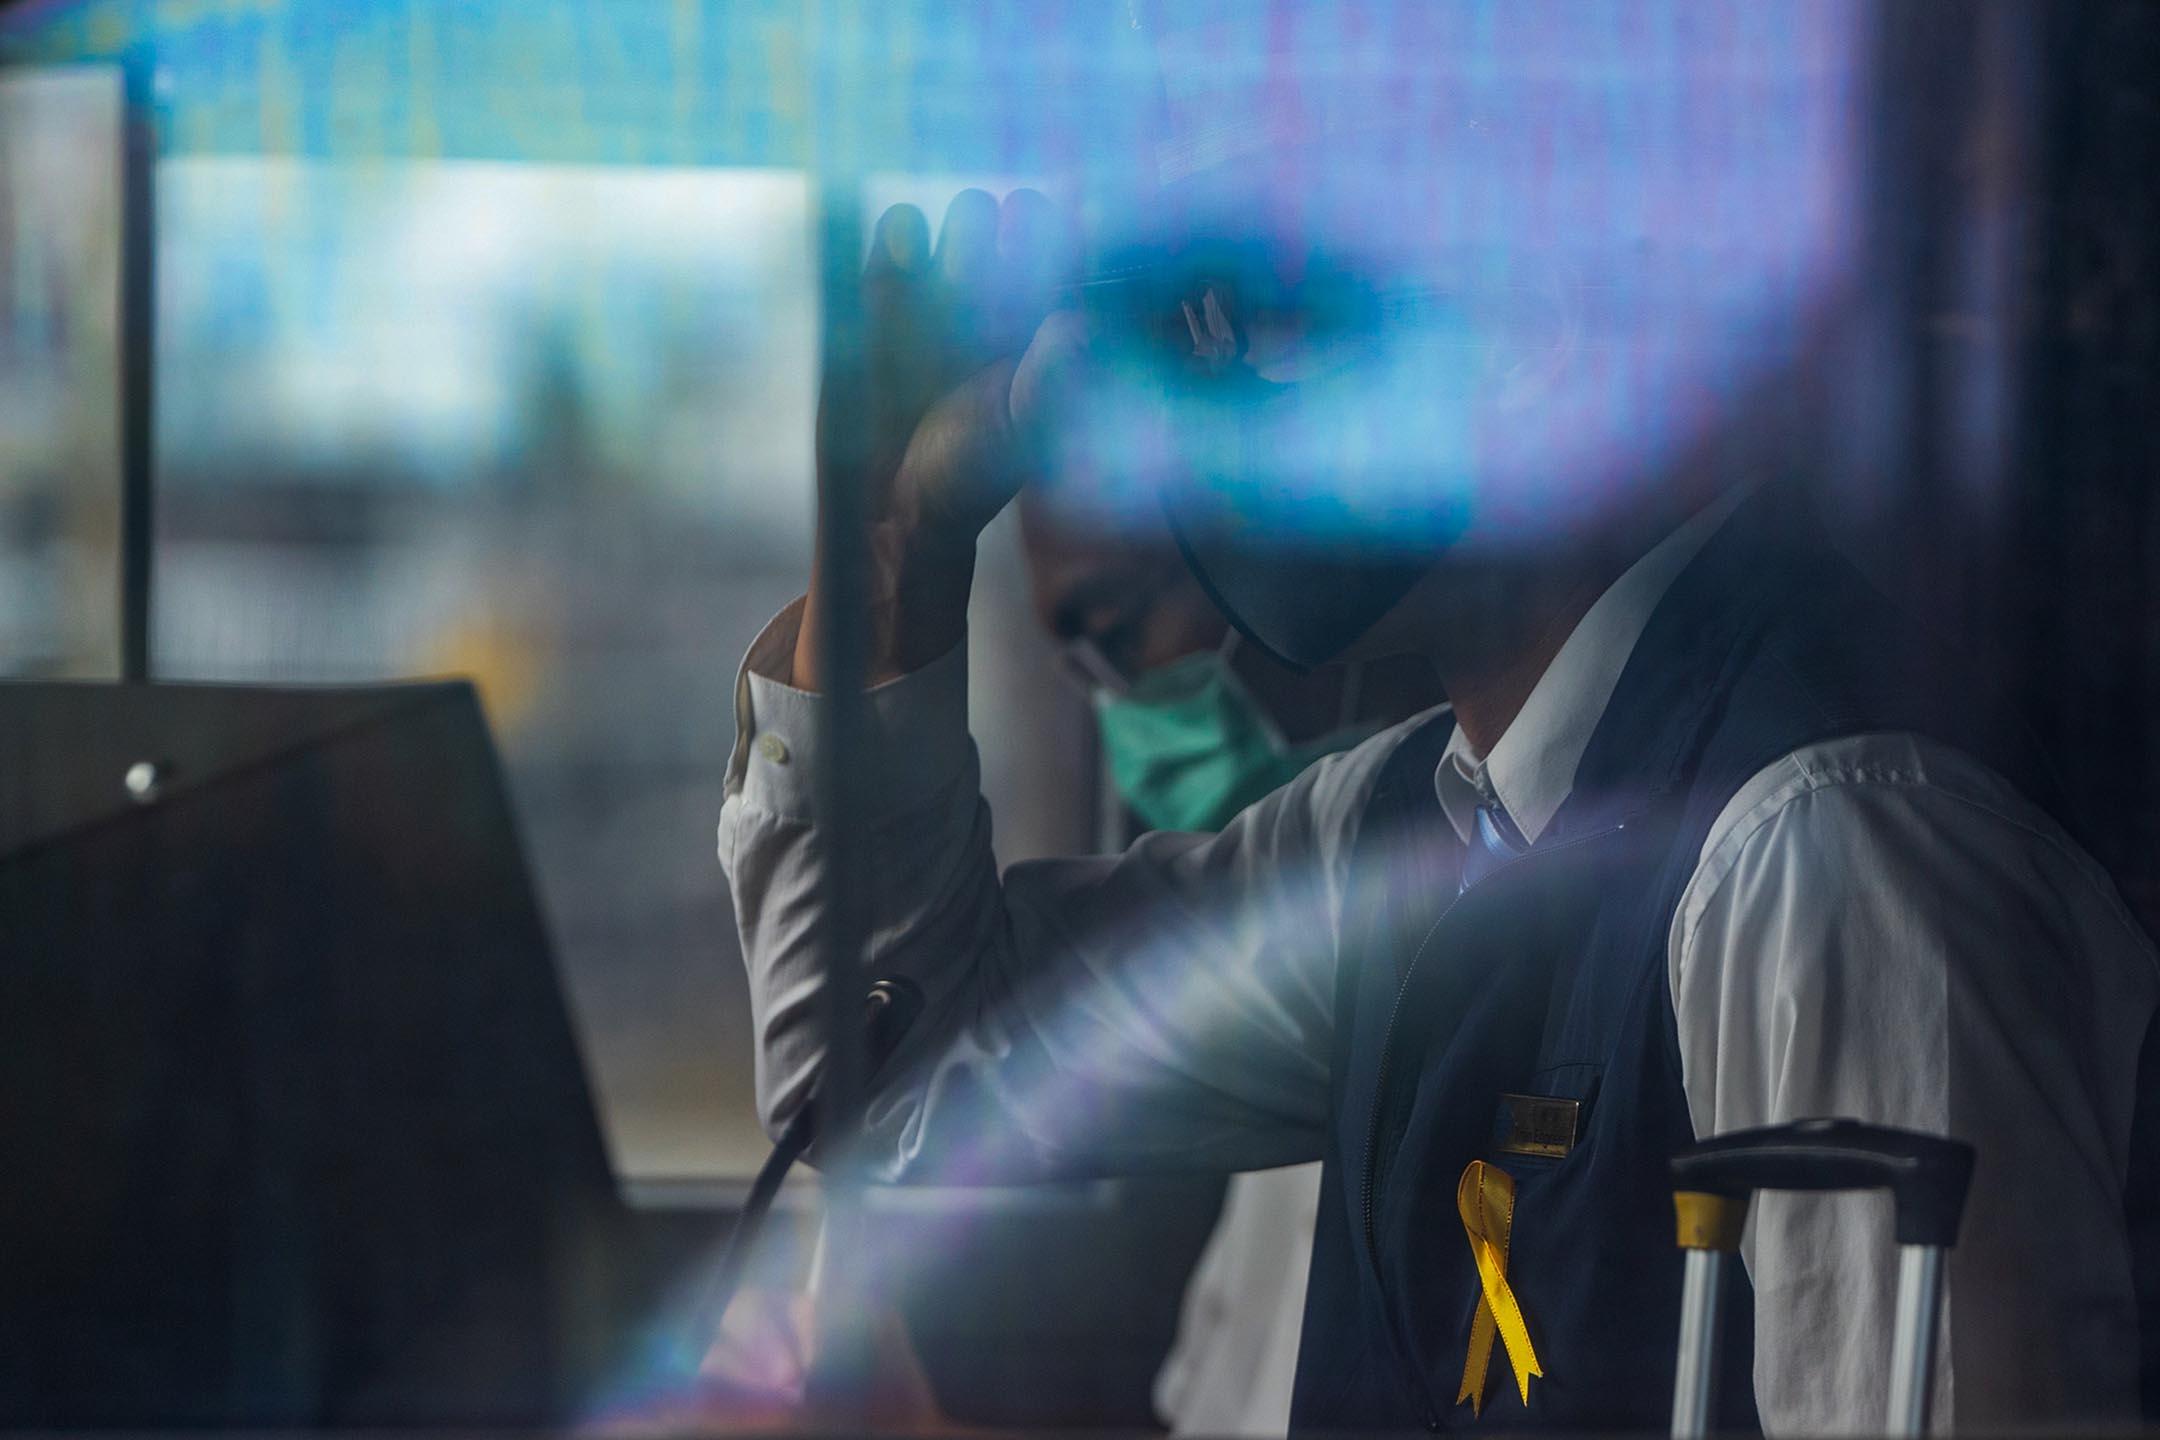 2021年4月8日,臺鐵全體司機在胸前繫上黃絲帶悼念悼念殉職的司機袁淳修和助理司機江沛峰。